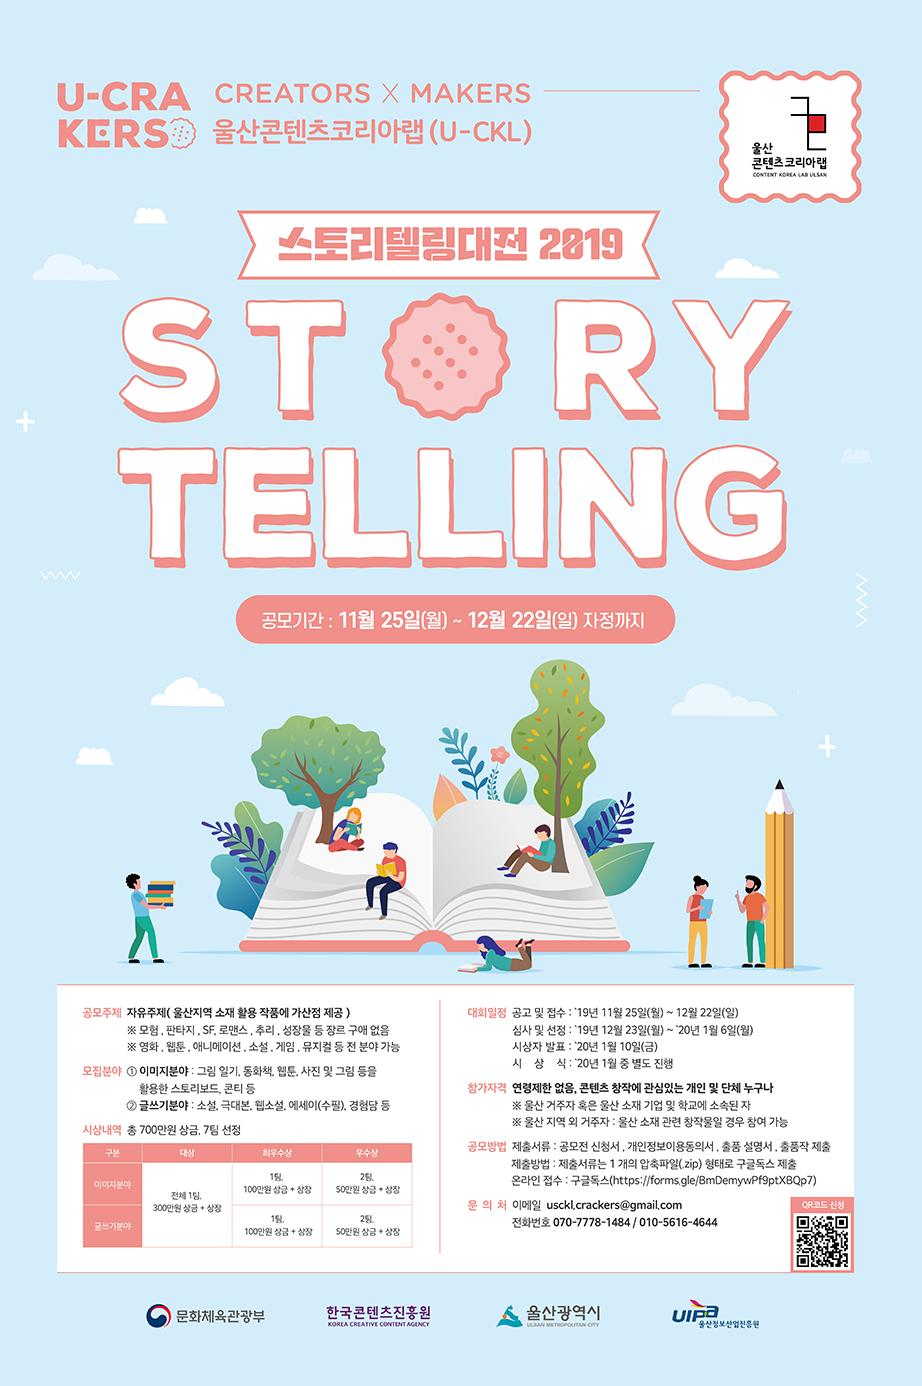 울산 스토리텔링대전 2019 콘텐츠 공모전